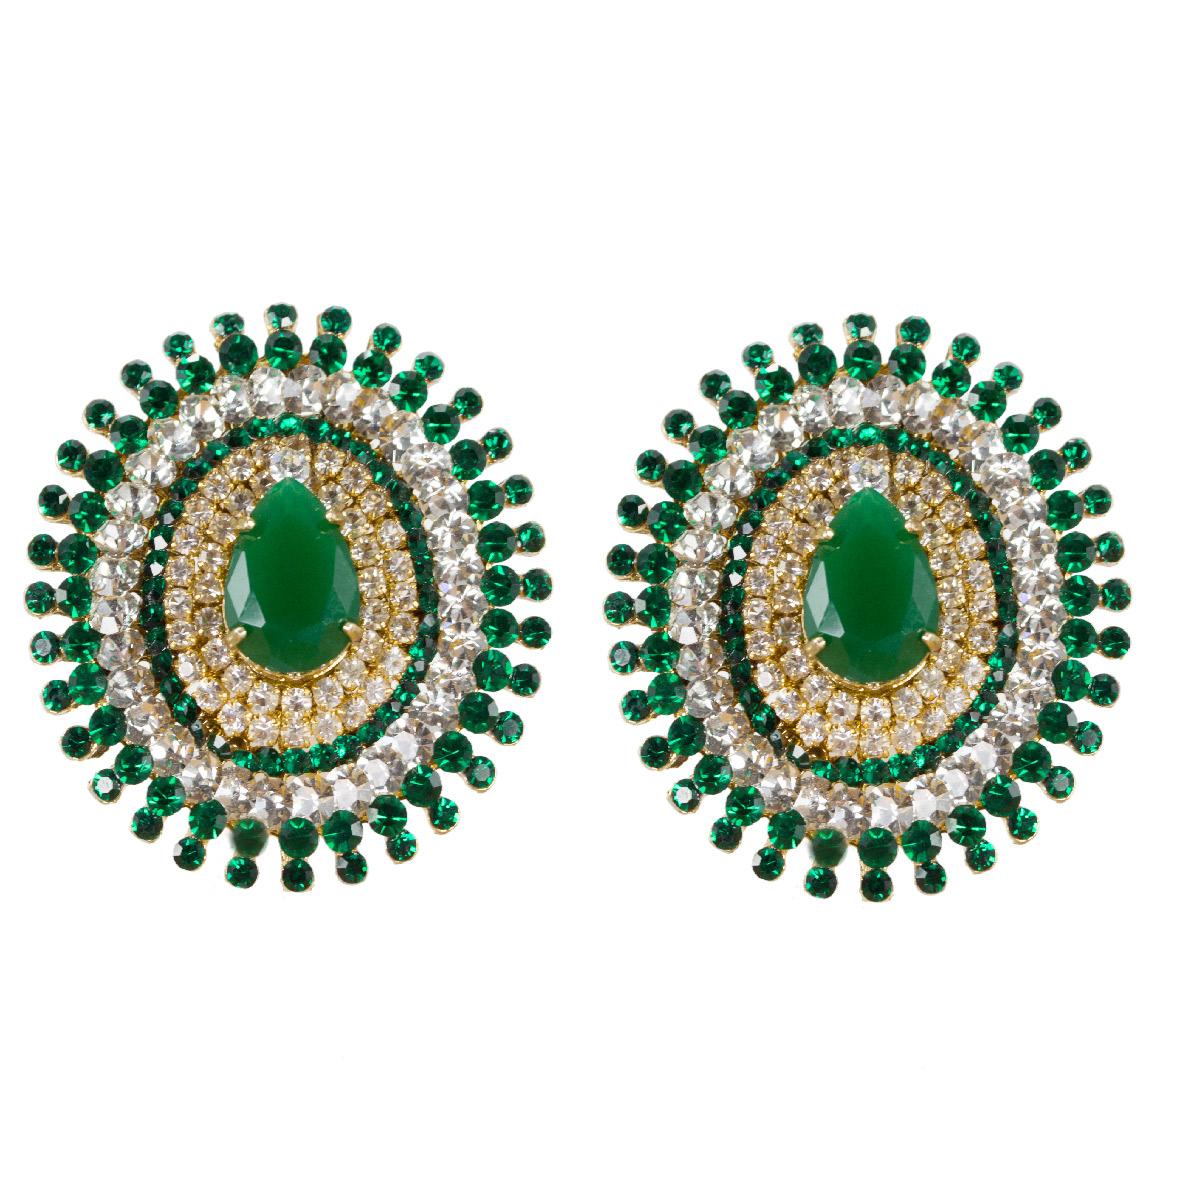 Brinco de strass verde e cristal